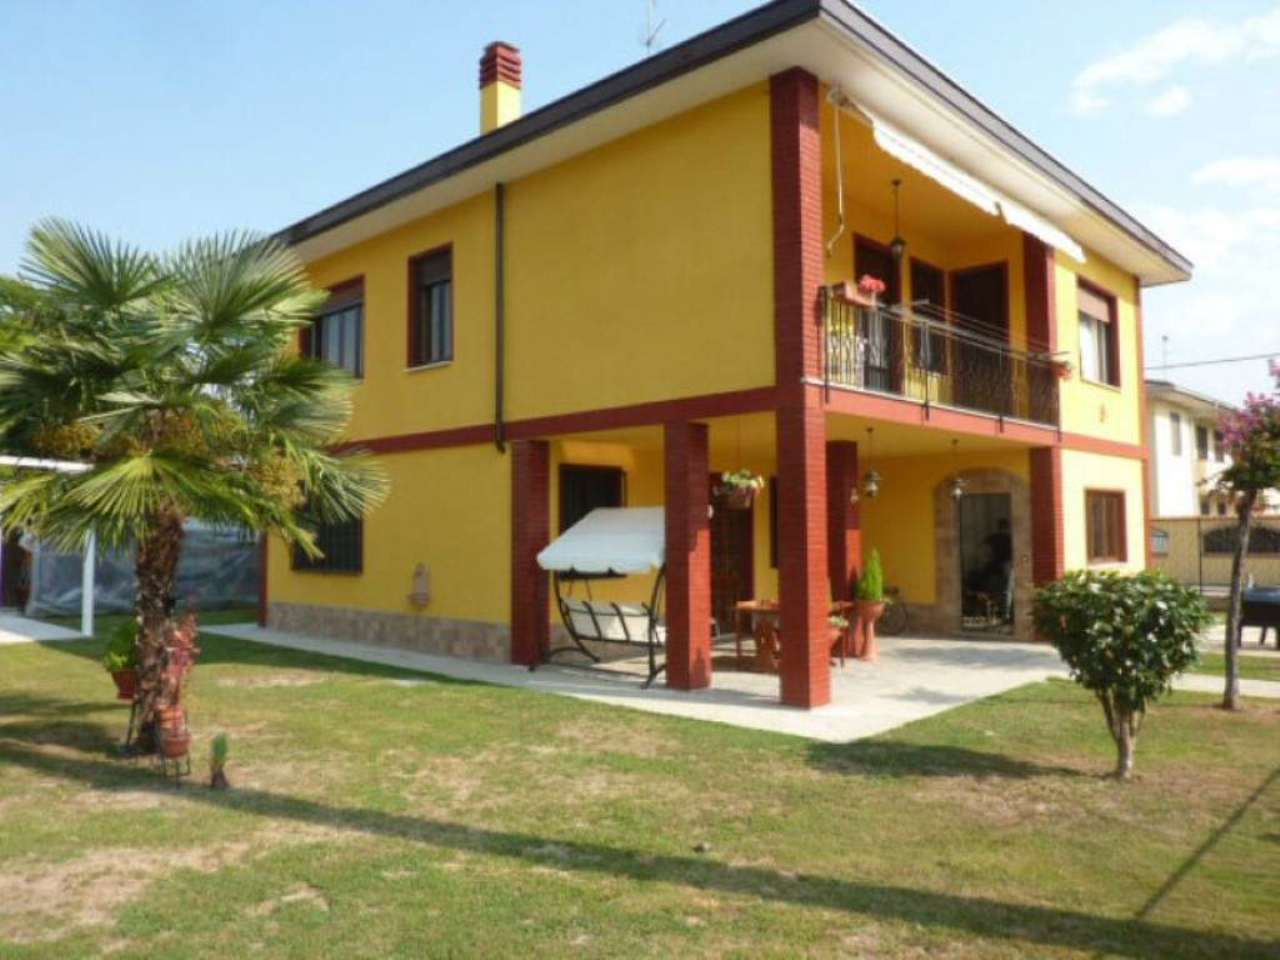 Villa Bifamiliare in vendita a Mortara, 10 locali, prezzo € 200.000   Cambio Casa.it